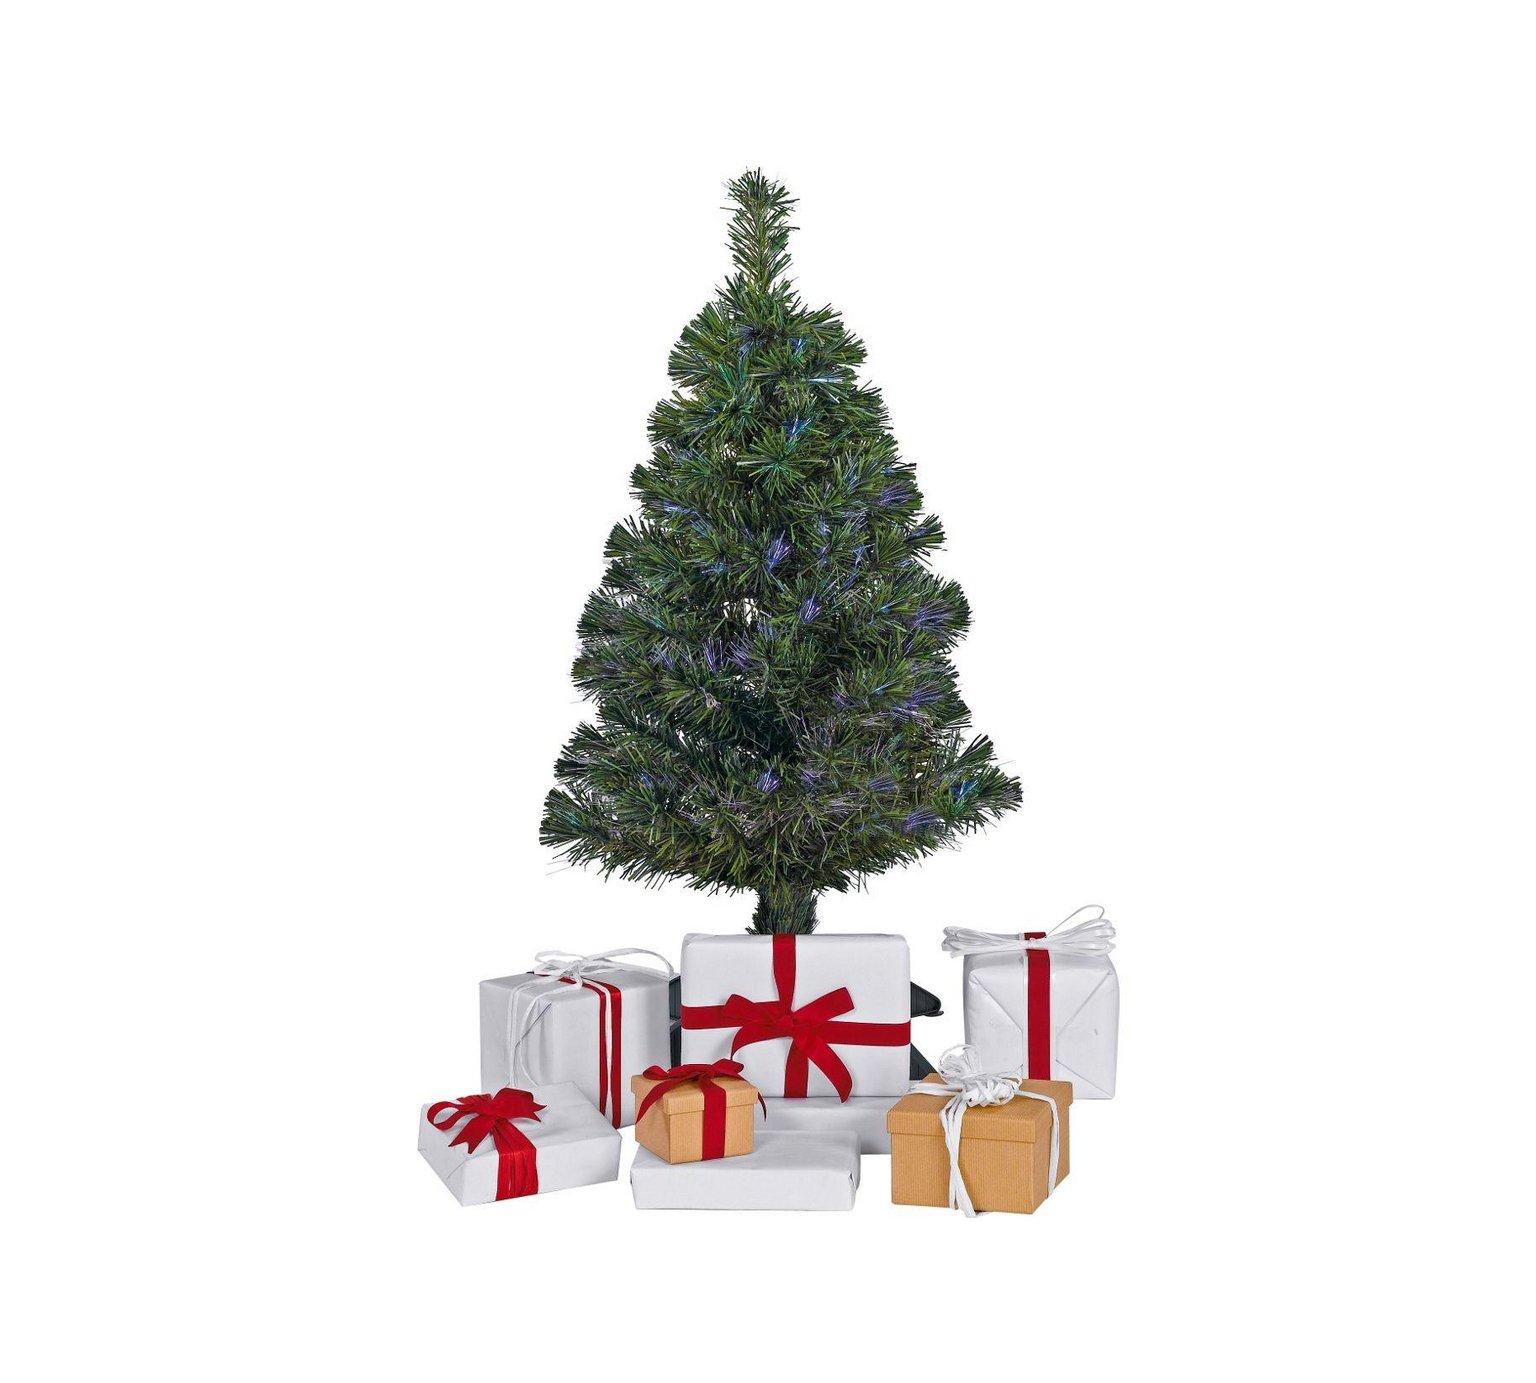 3ft Green Christmas Tree